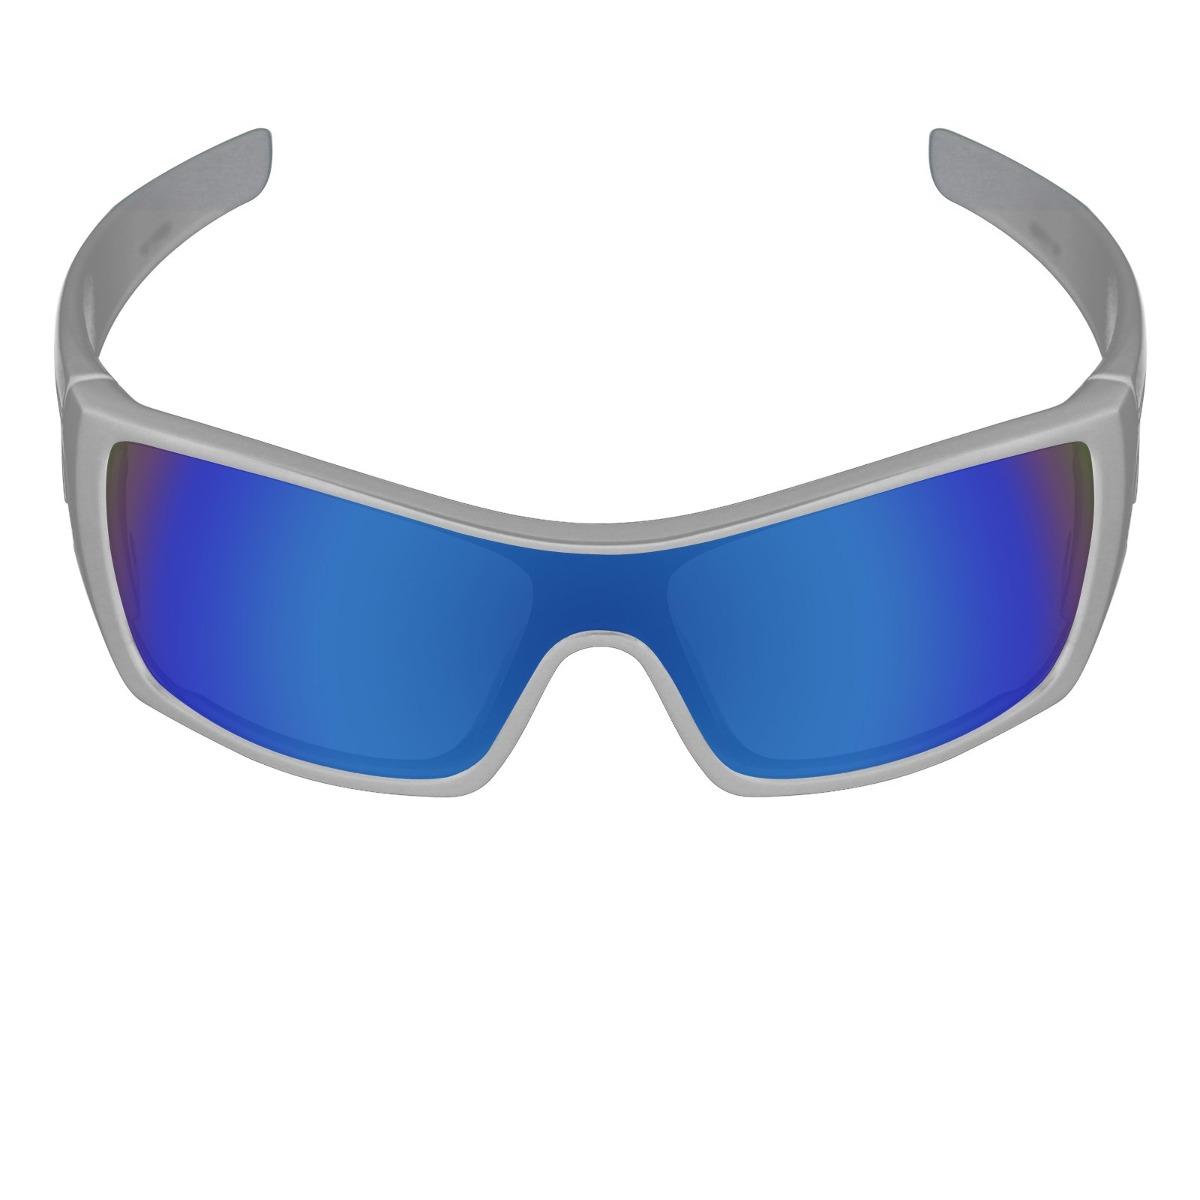 200666eaf0 lentes de recambio galvánicas para gafas de sol oakley batw. Cargando zoom.